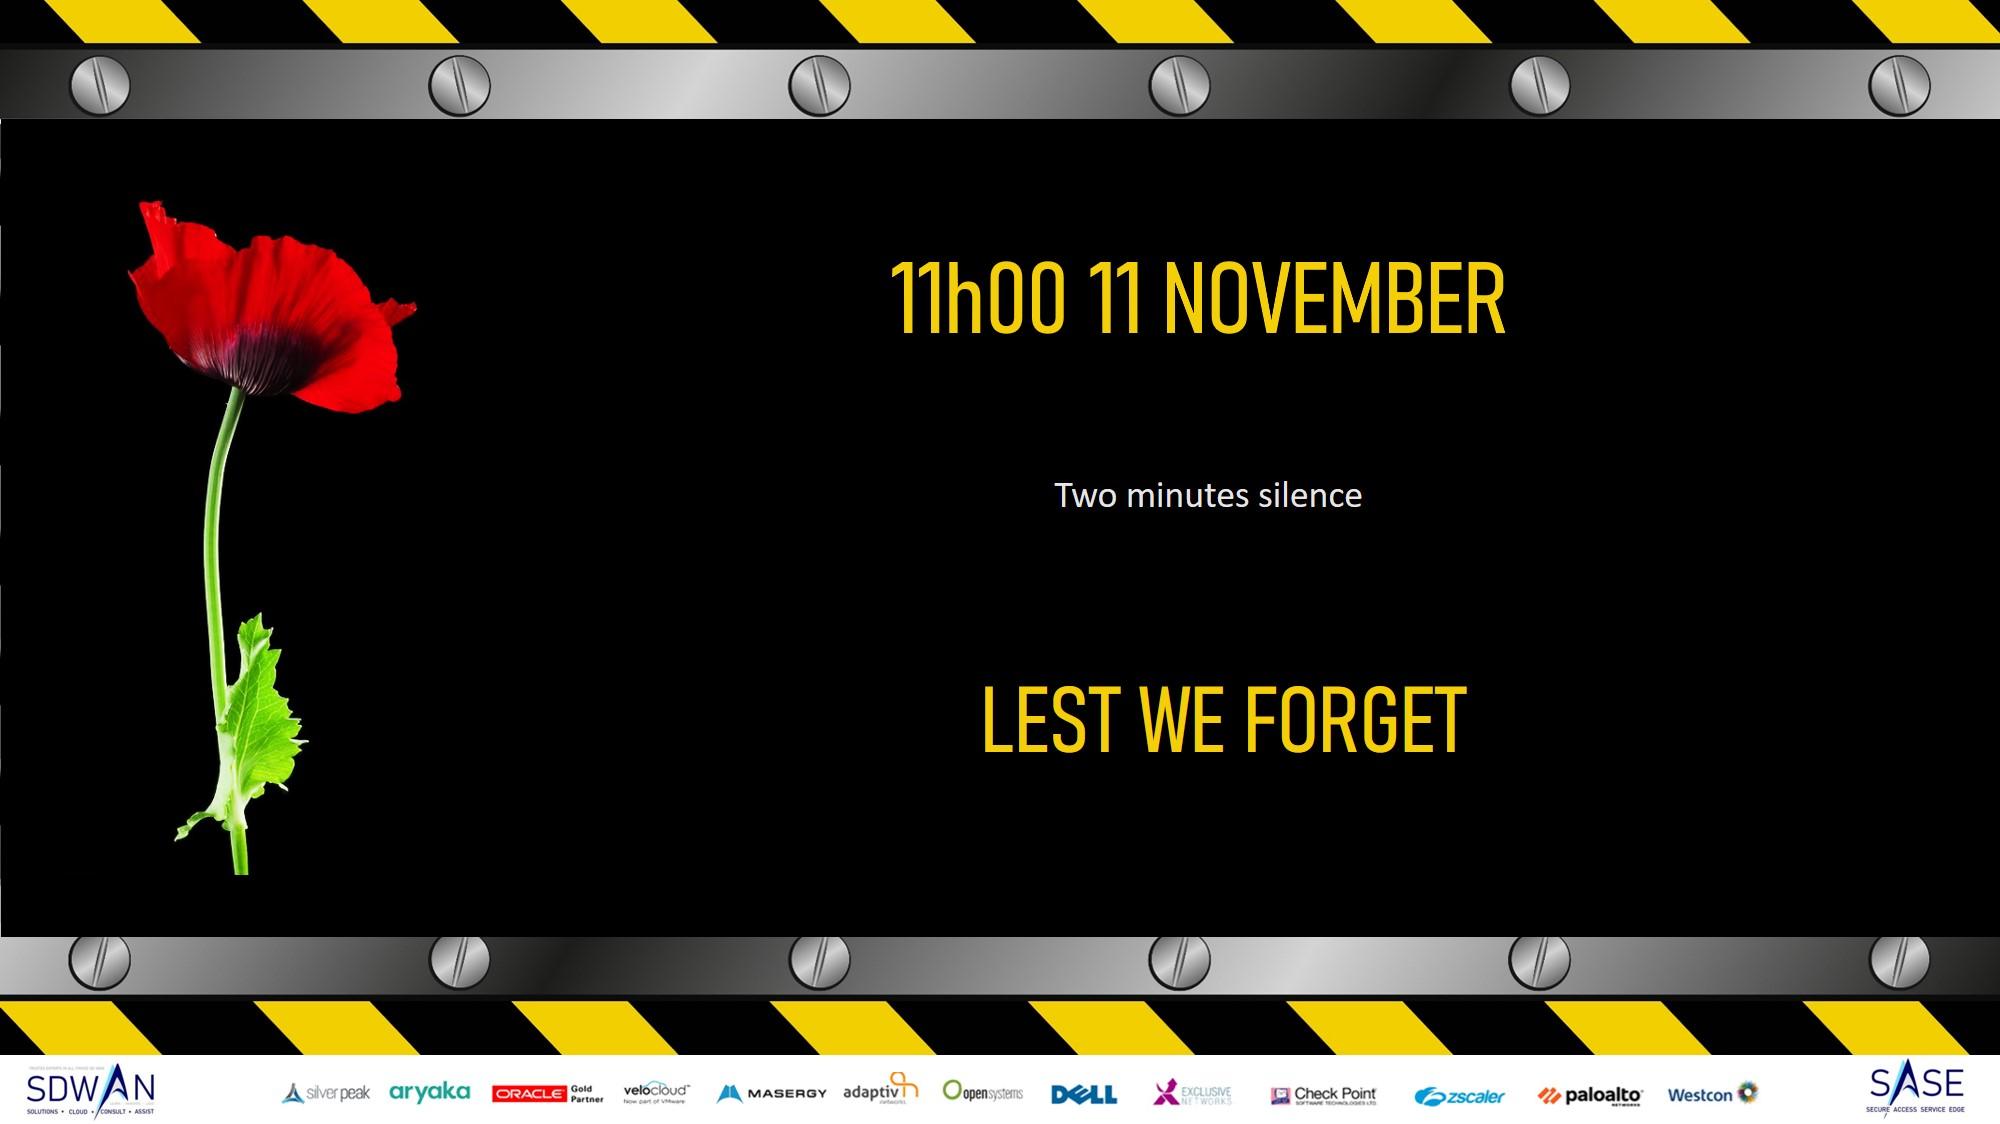 Lest we forget 11 November